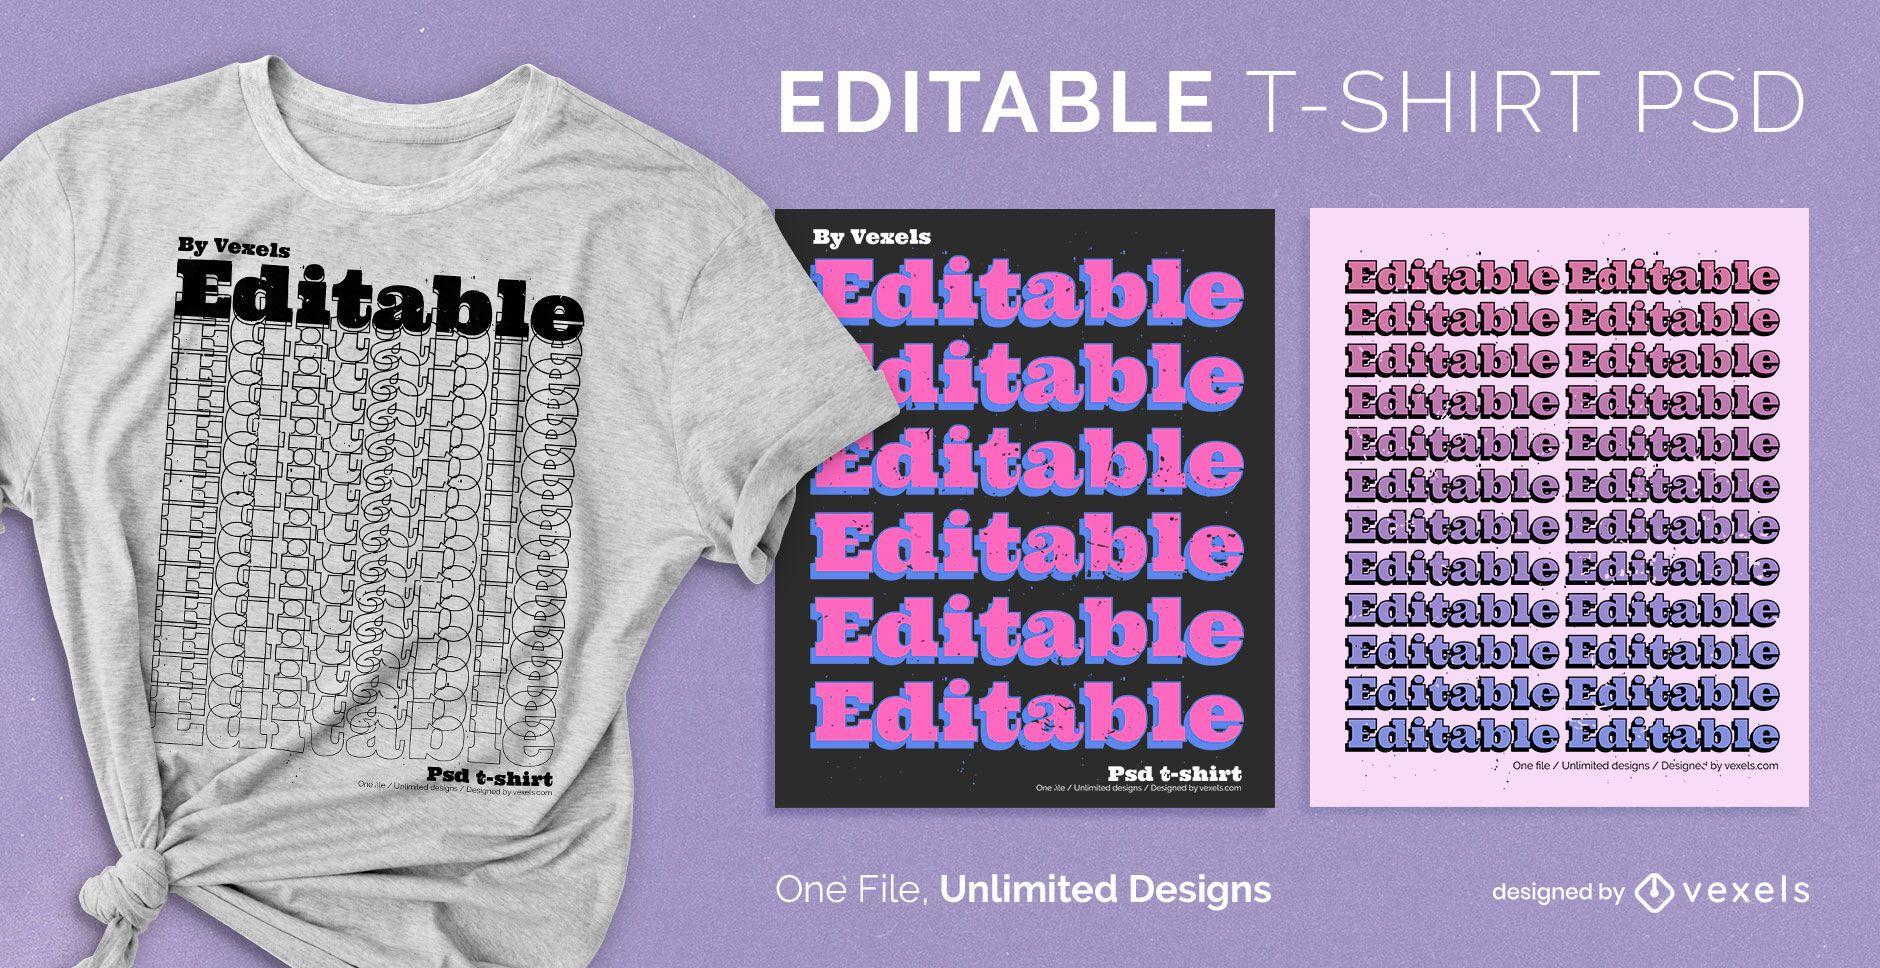 Wiederholungstext skalierbares T-Shirt psd